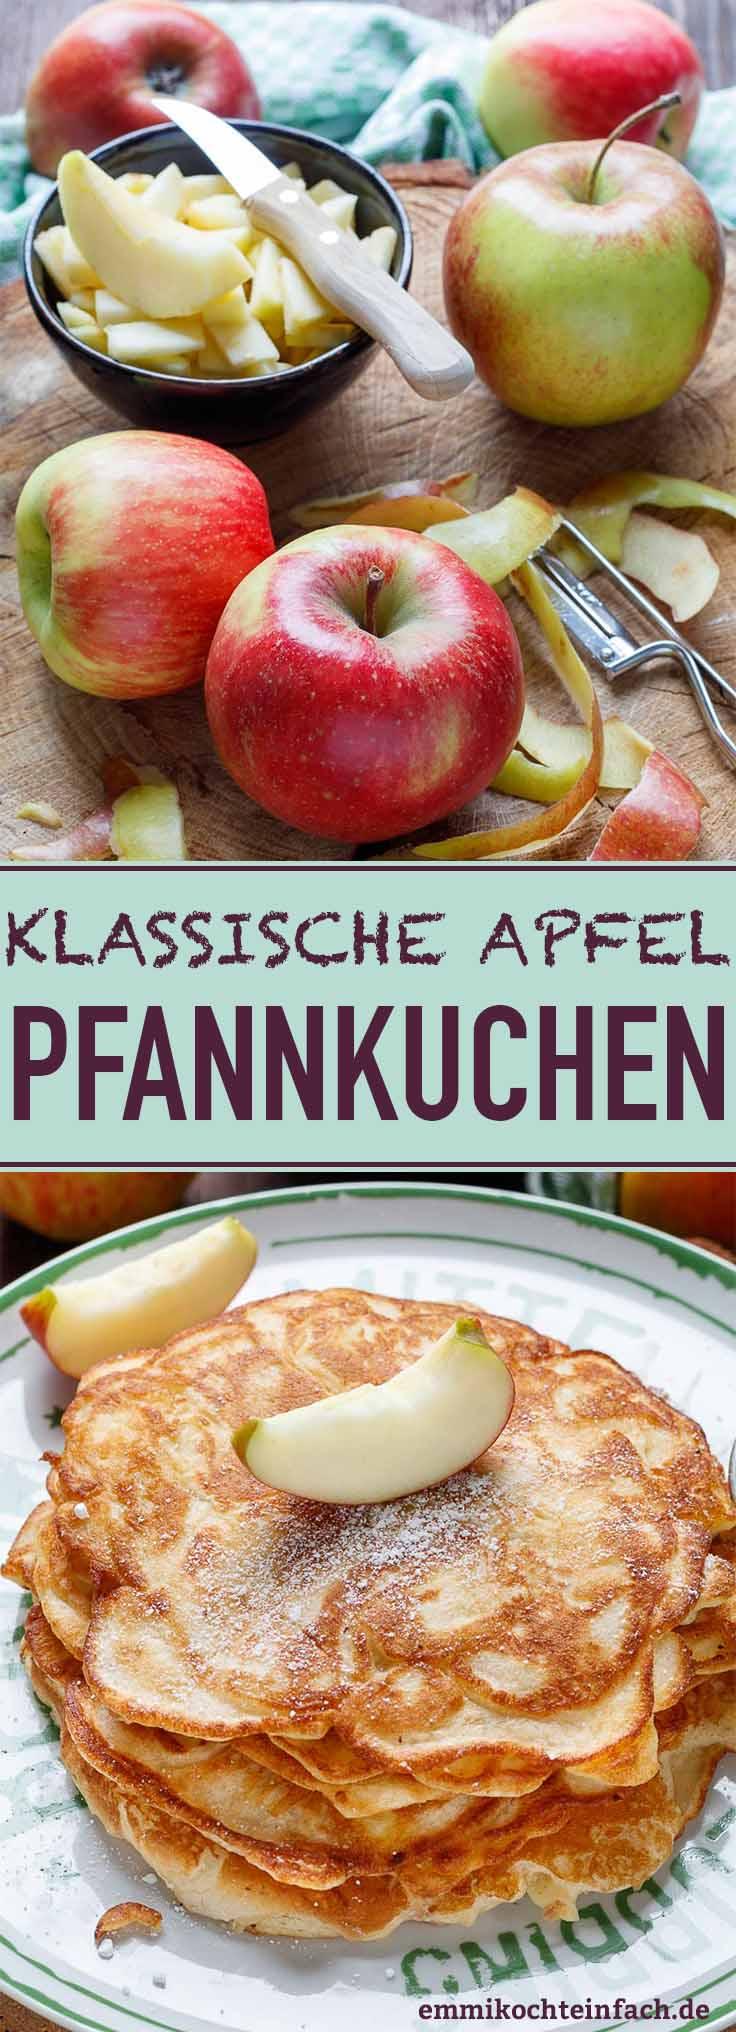 Apfelpfannkuchen klassisch - www.emmikochteinfach.de